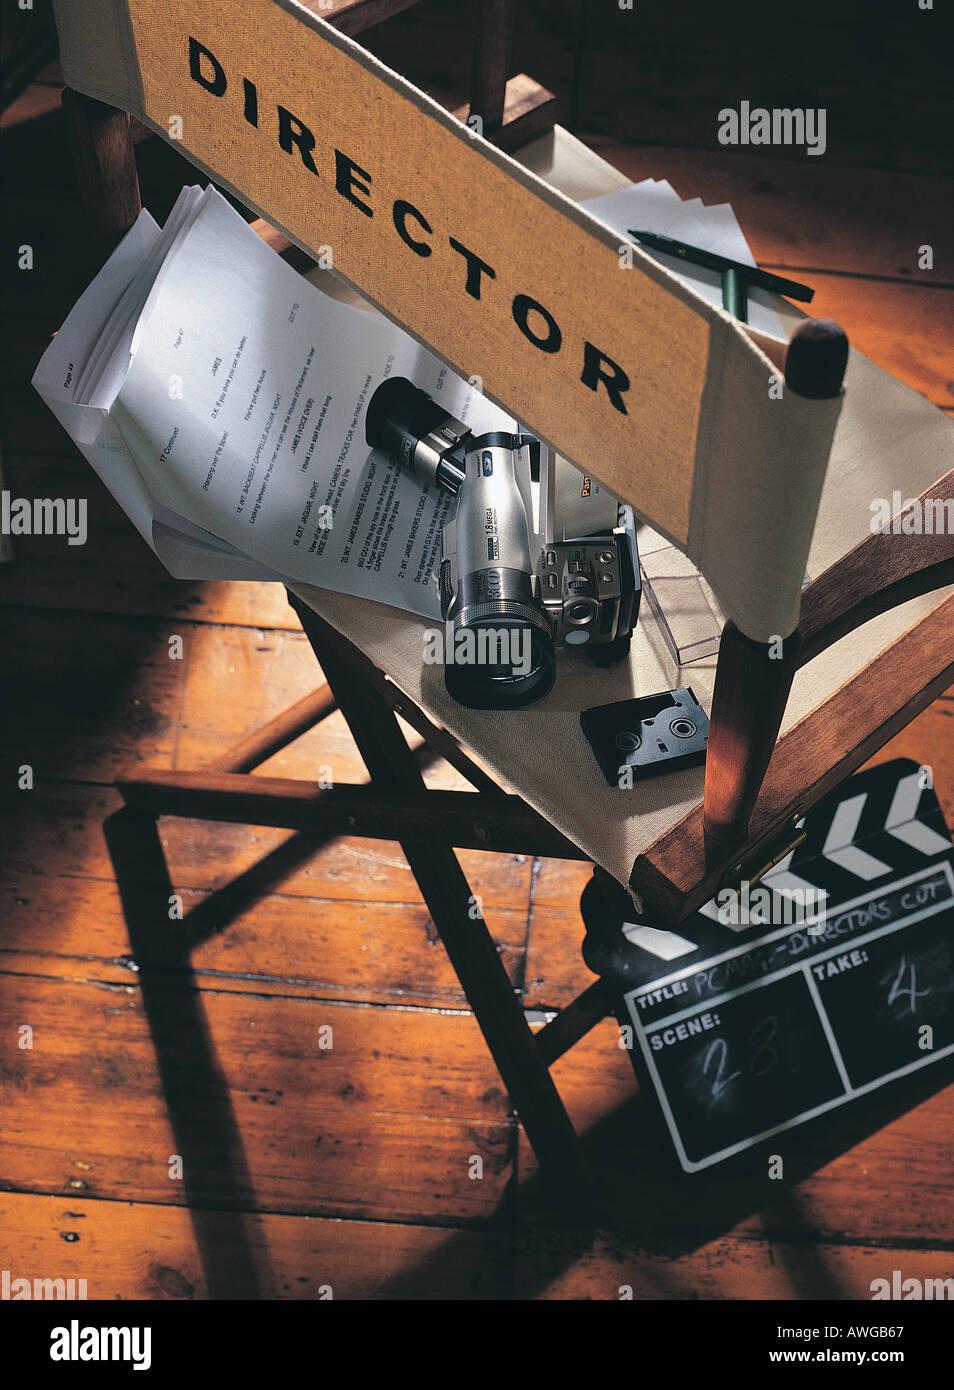 Un script de directores y badajo junta Imagen De Stock